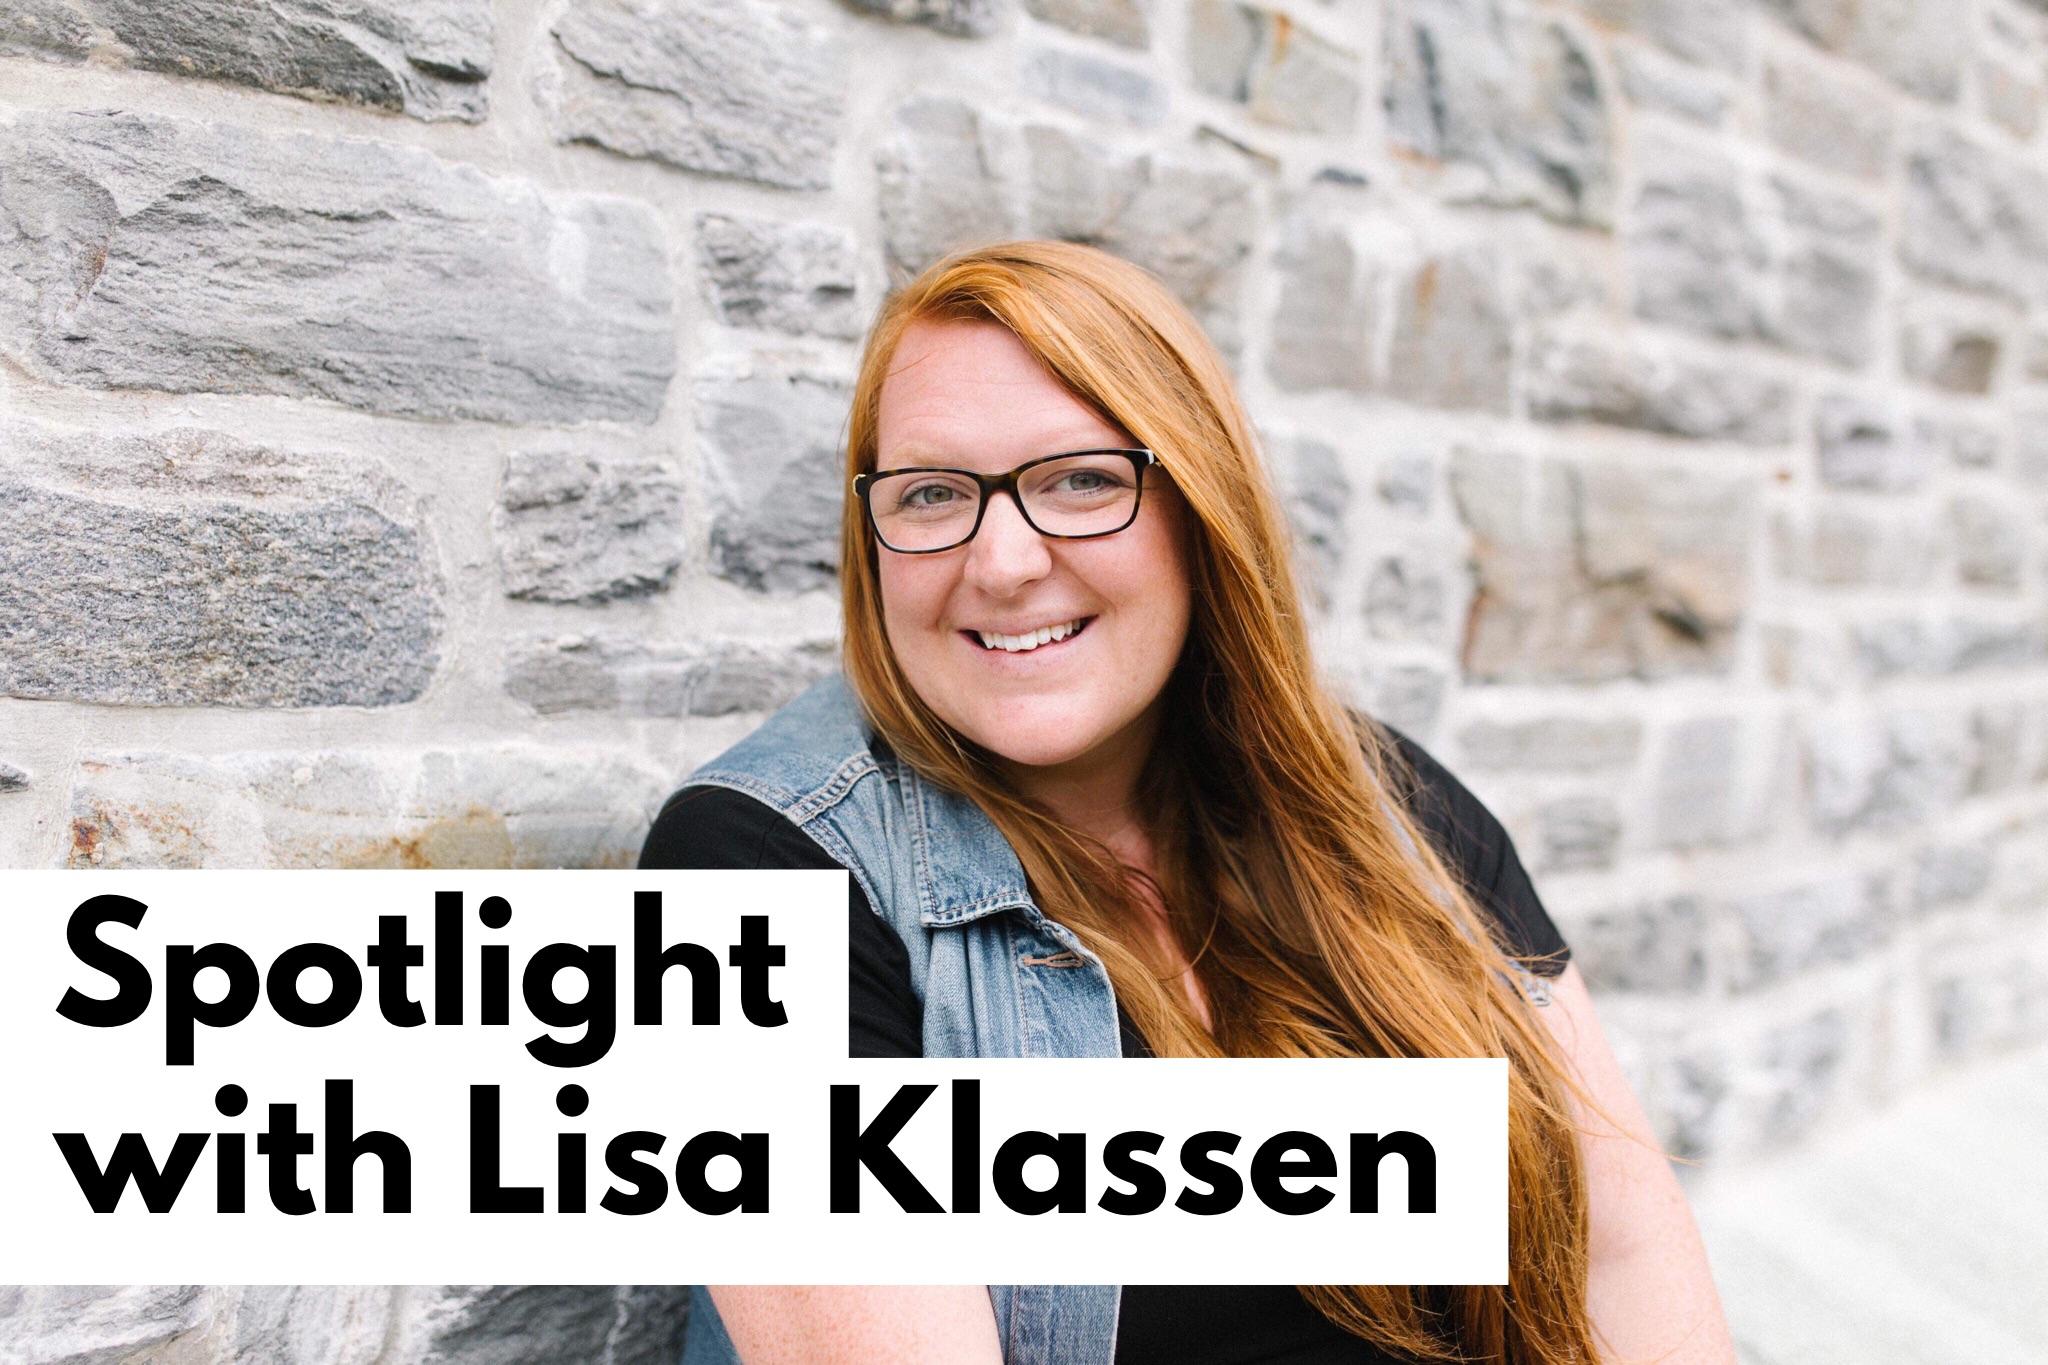 Lisa.klassen.spotlight.byamygrace